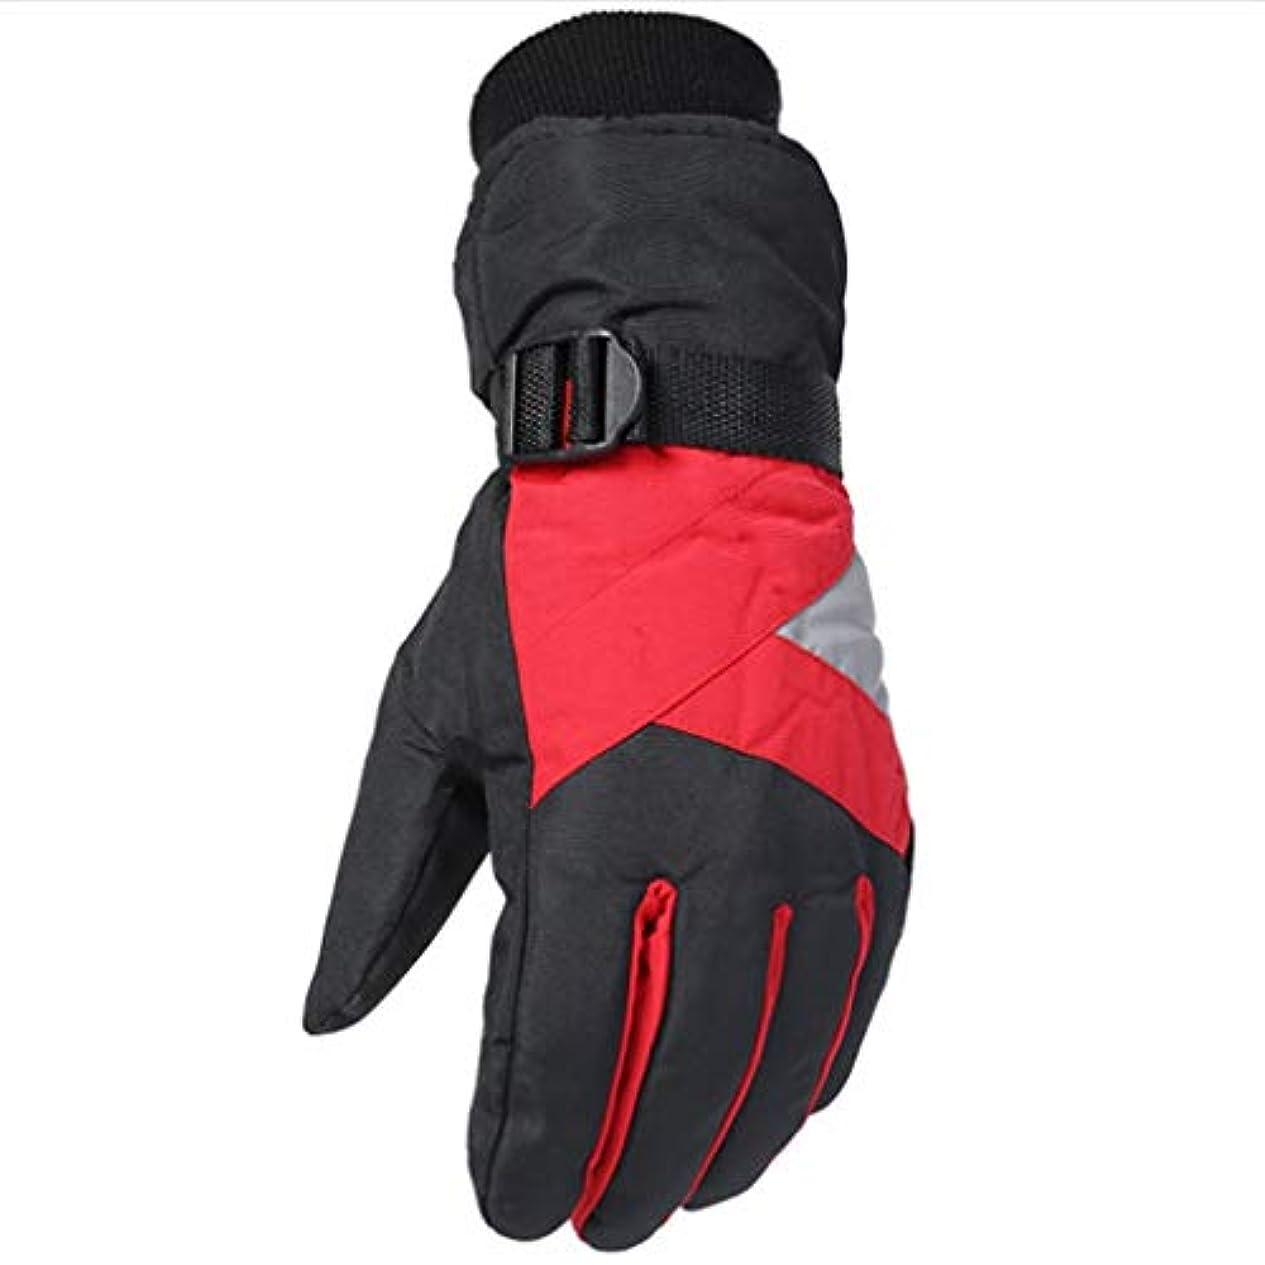 パーチナシティ限られた敷居手袋の男性の冬プラスベルベット厚手の暖かいスキーグローブは、凍結防止の登山手袋を運転する (色 : Red)